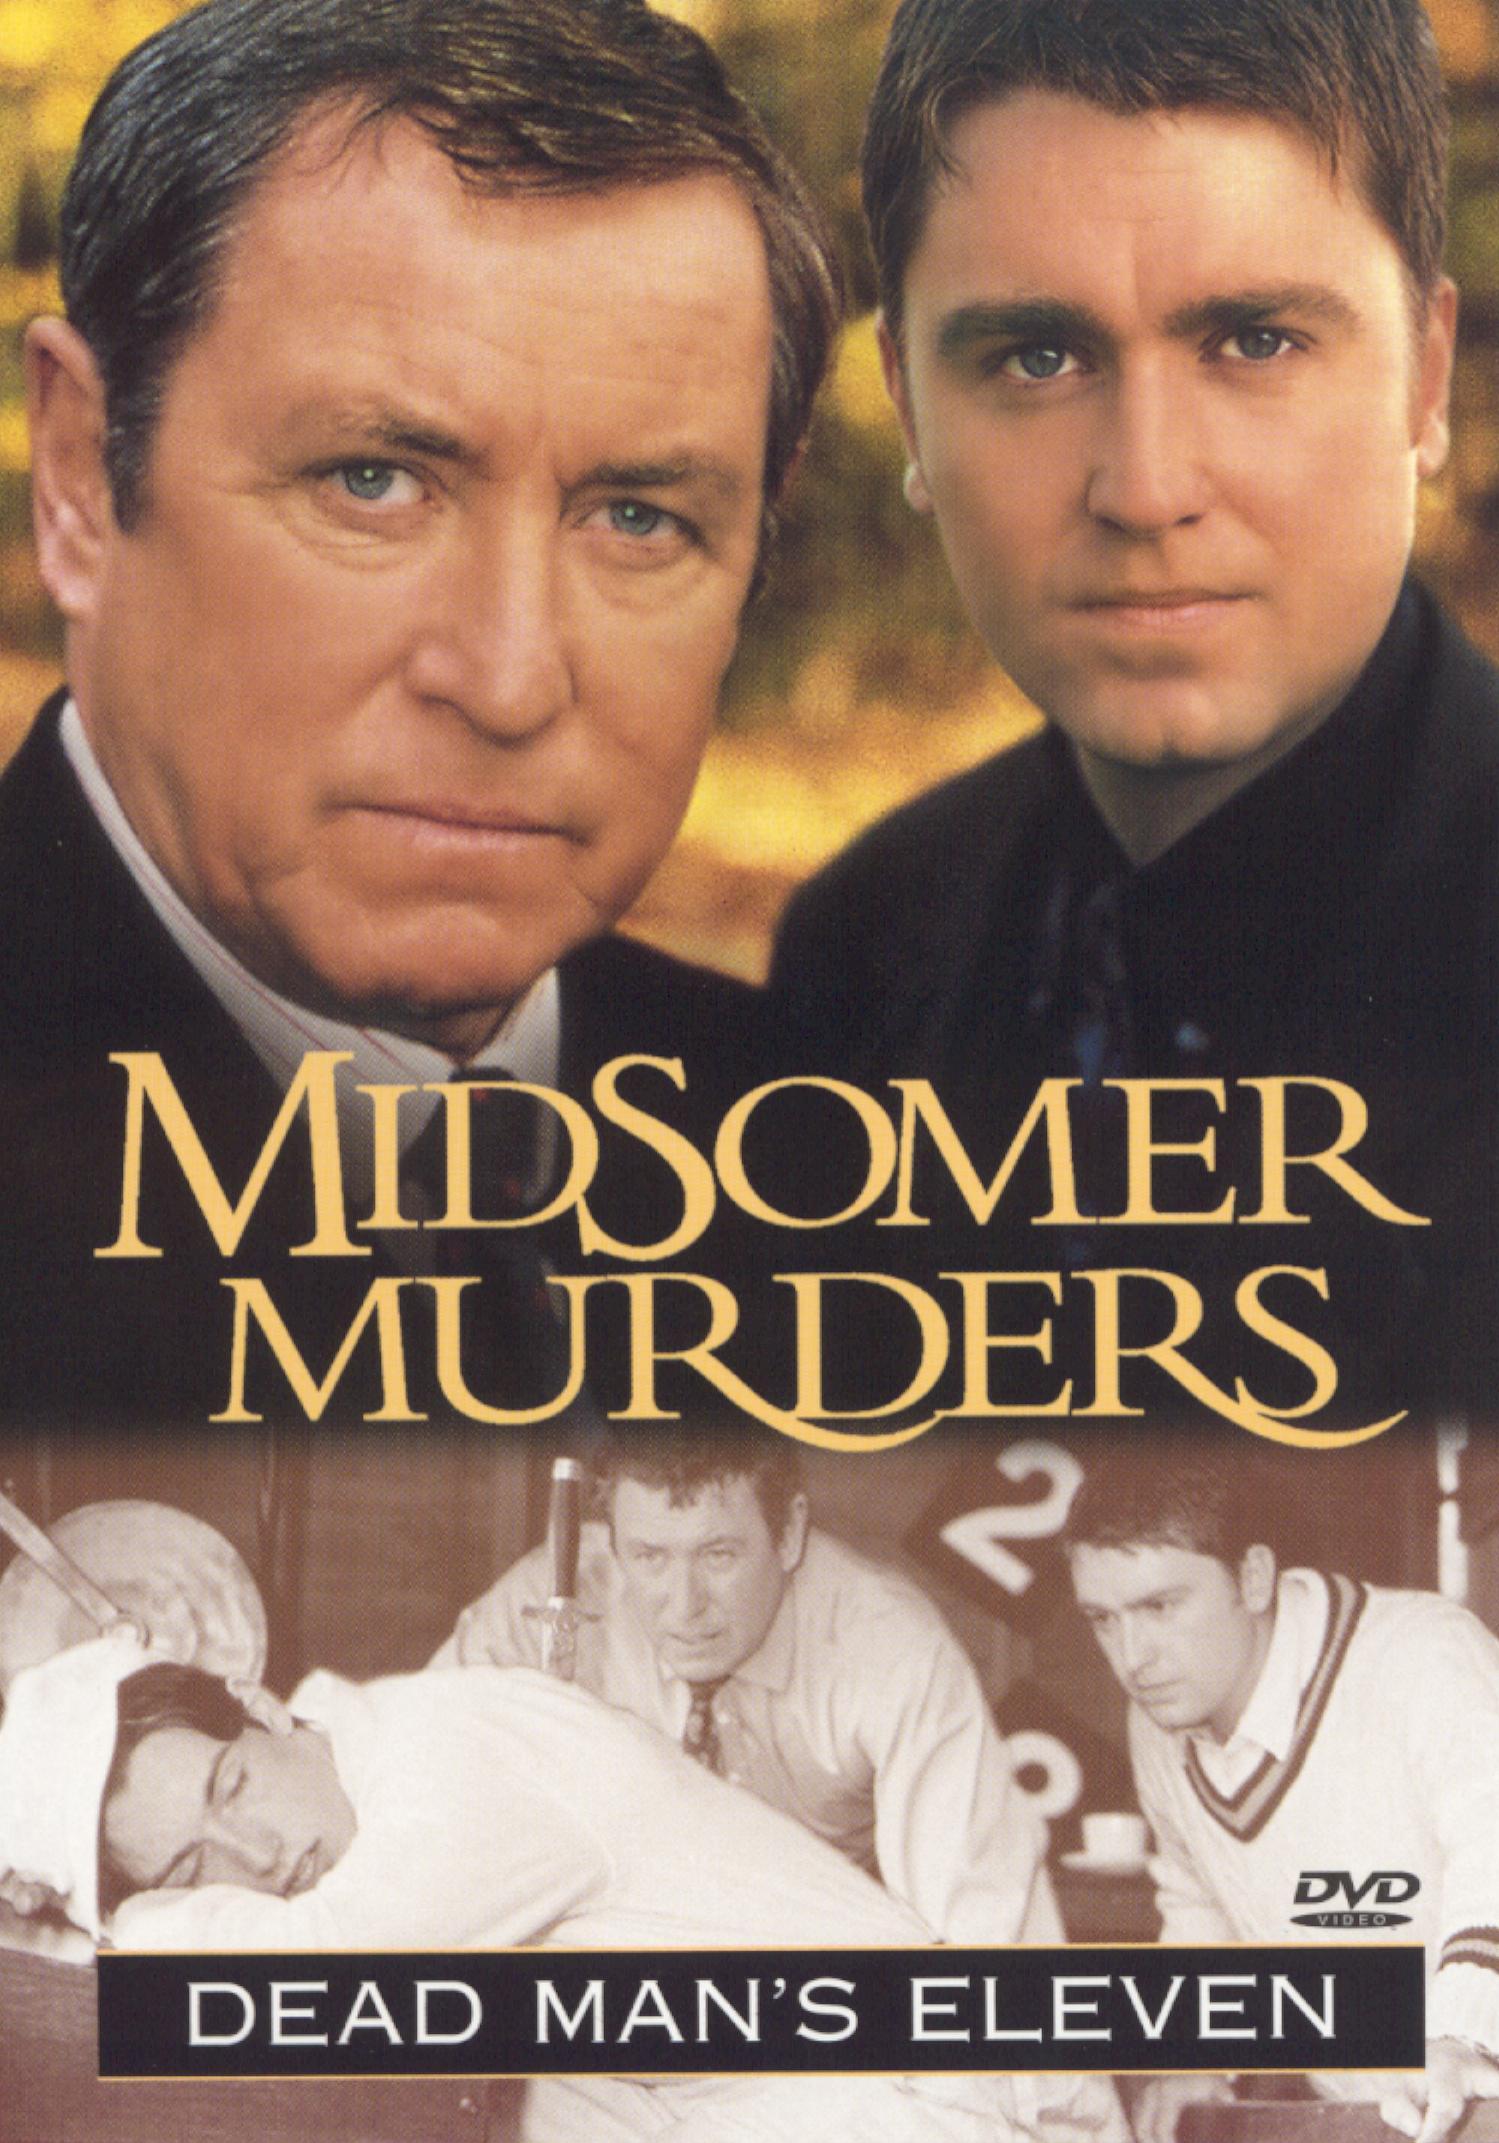 midsomer murders: dead man's eleven (1999) - jeremy silberston